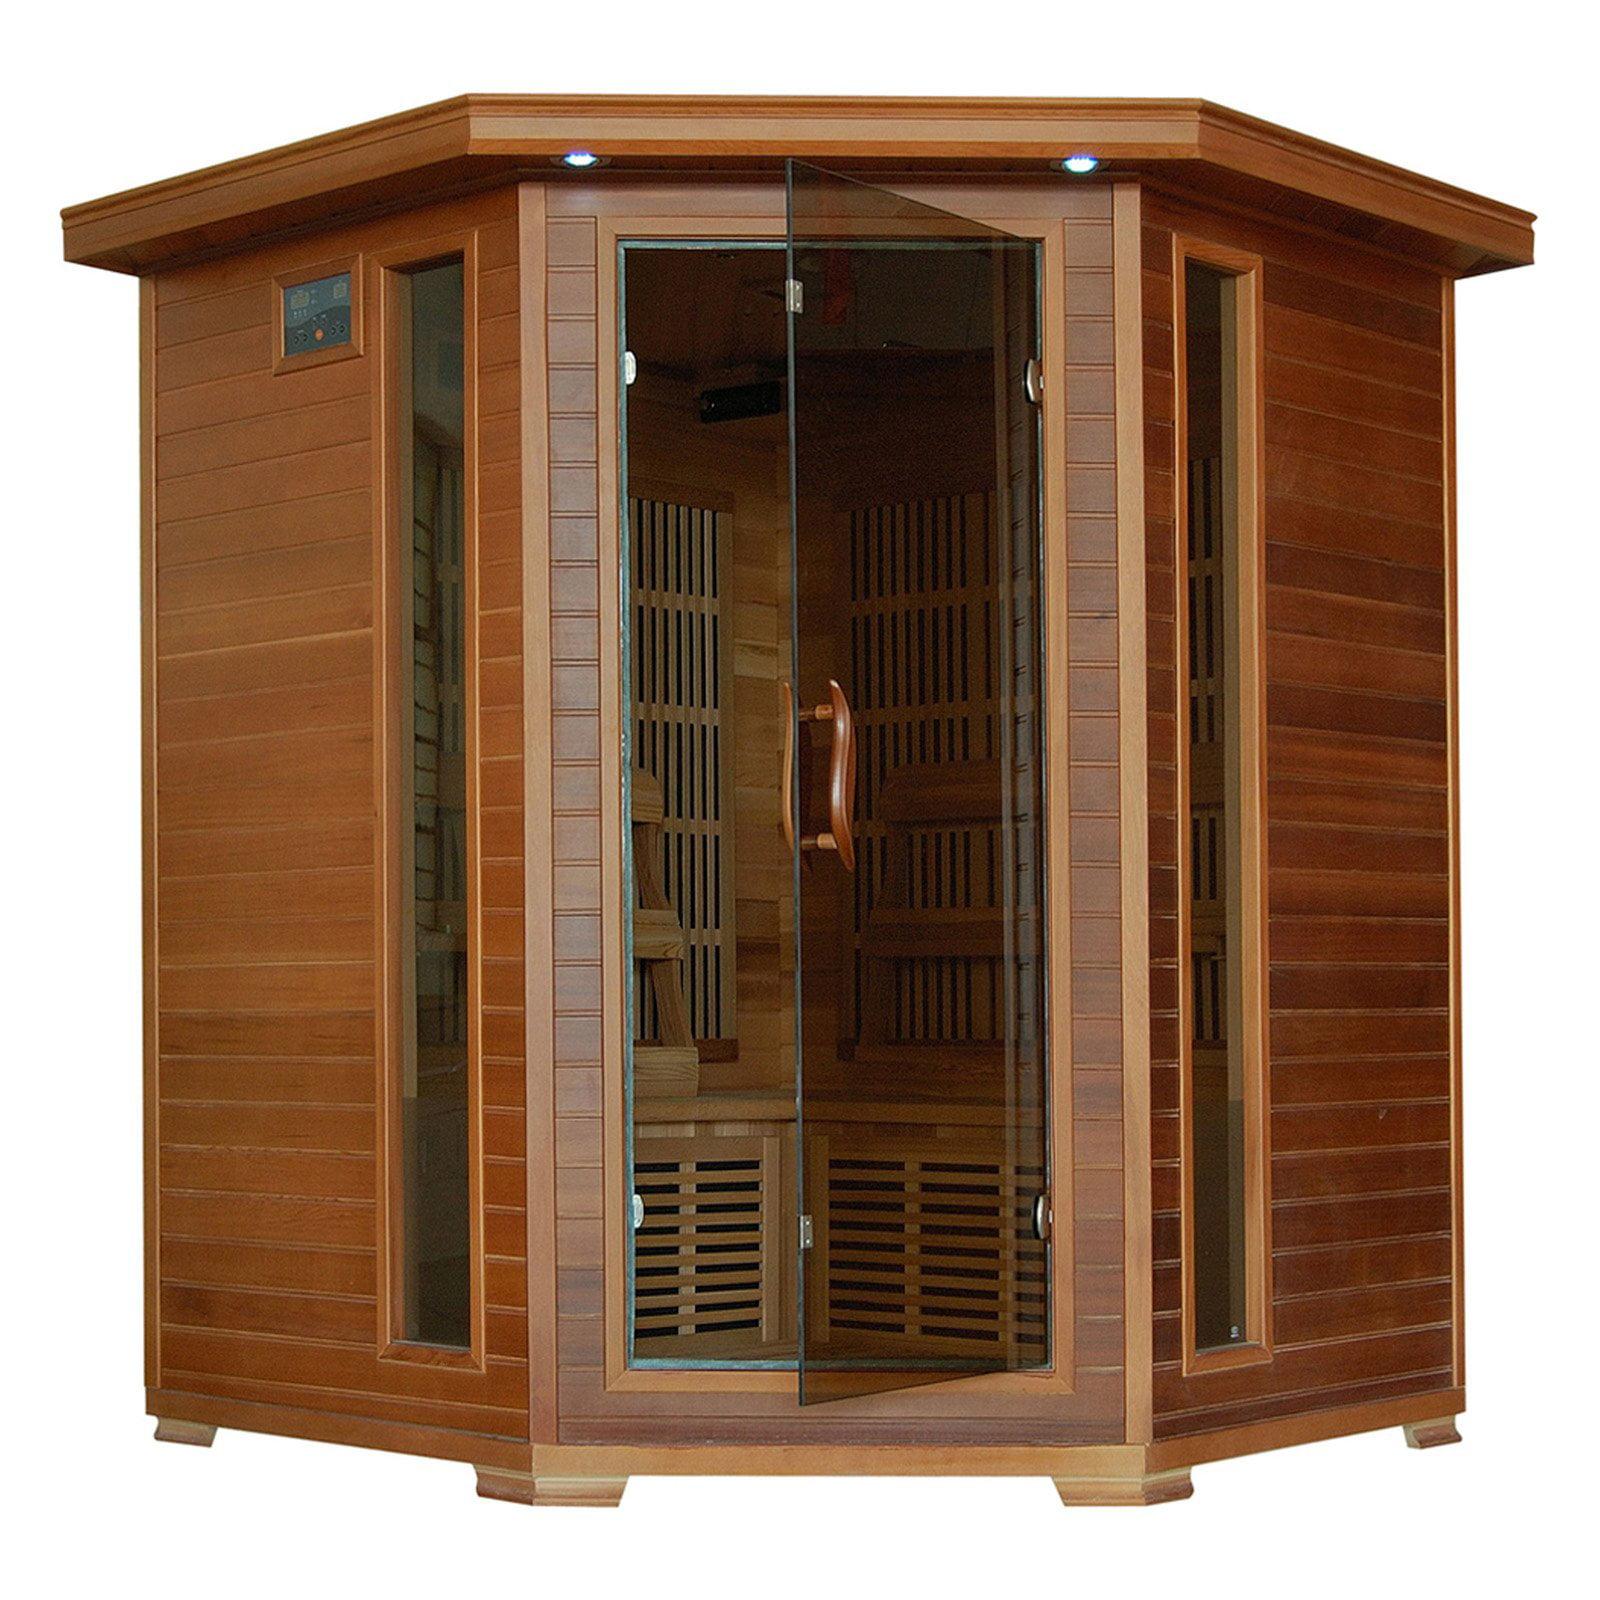 Radiant Saunas 4 Person Cedar Corner Infrared Sauna